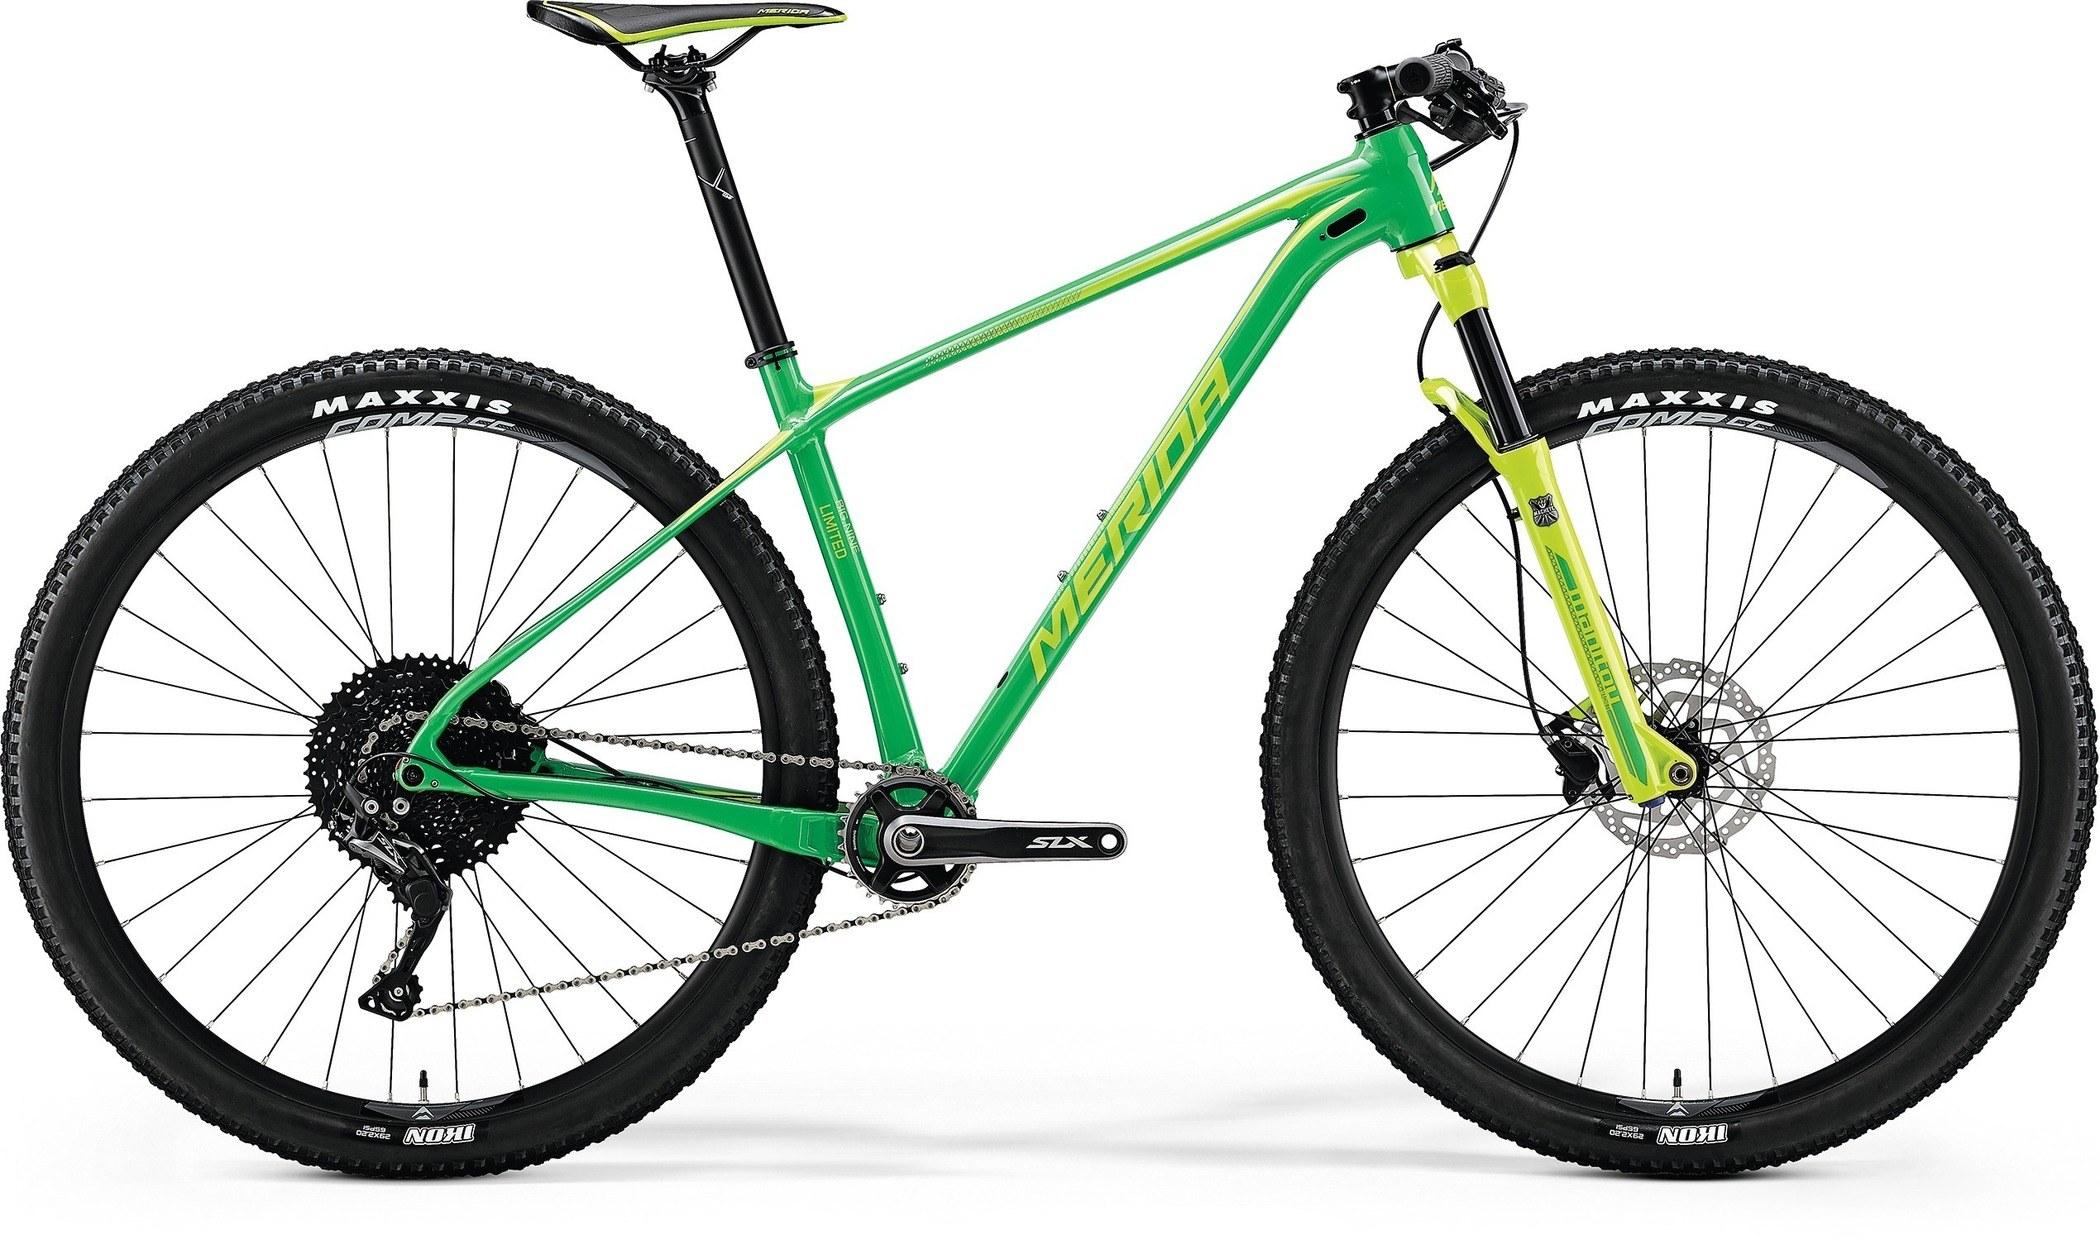 להפליא אופני MERIDA BIG NINE LIMITED - אופני הרים - רוזן ומינץ LY-37